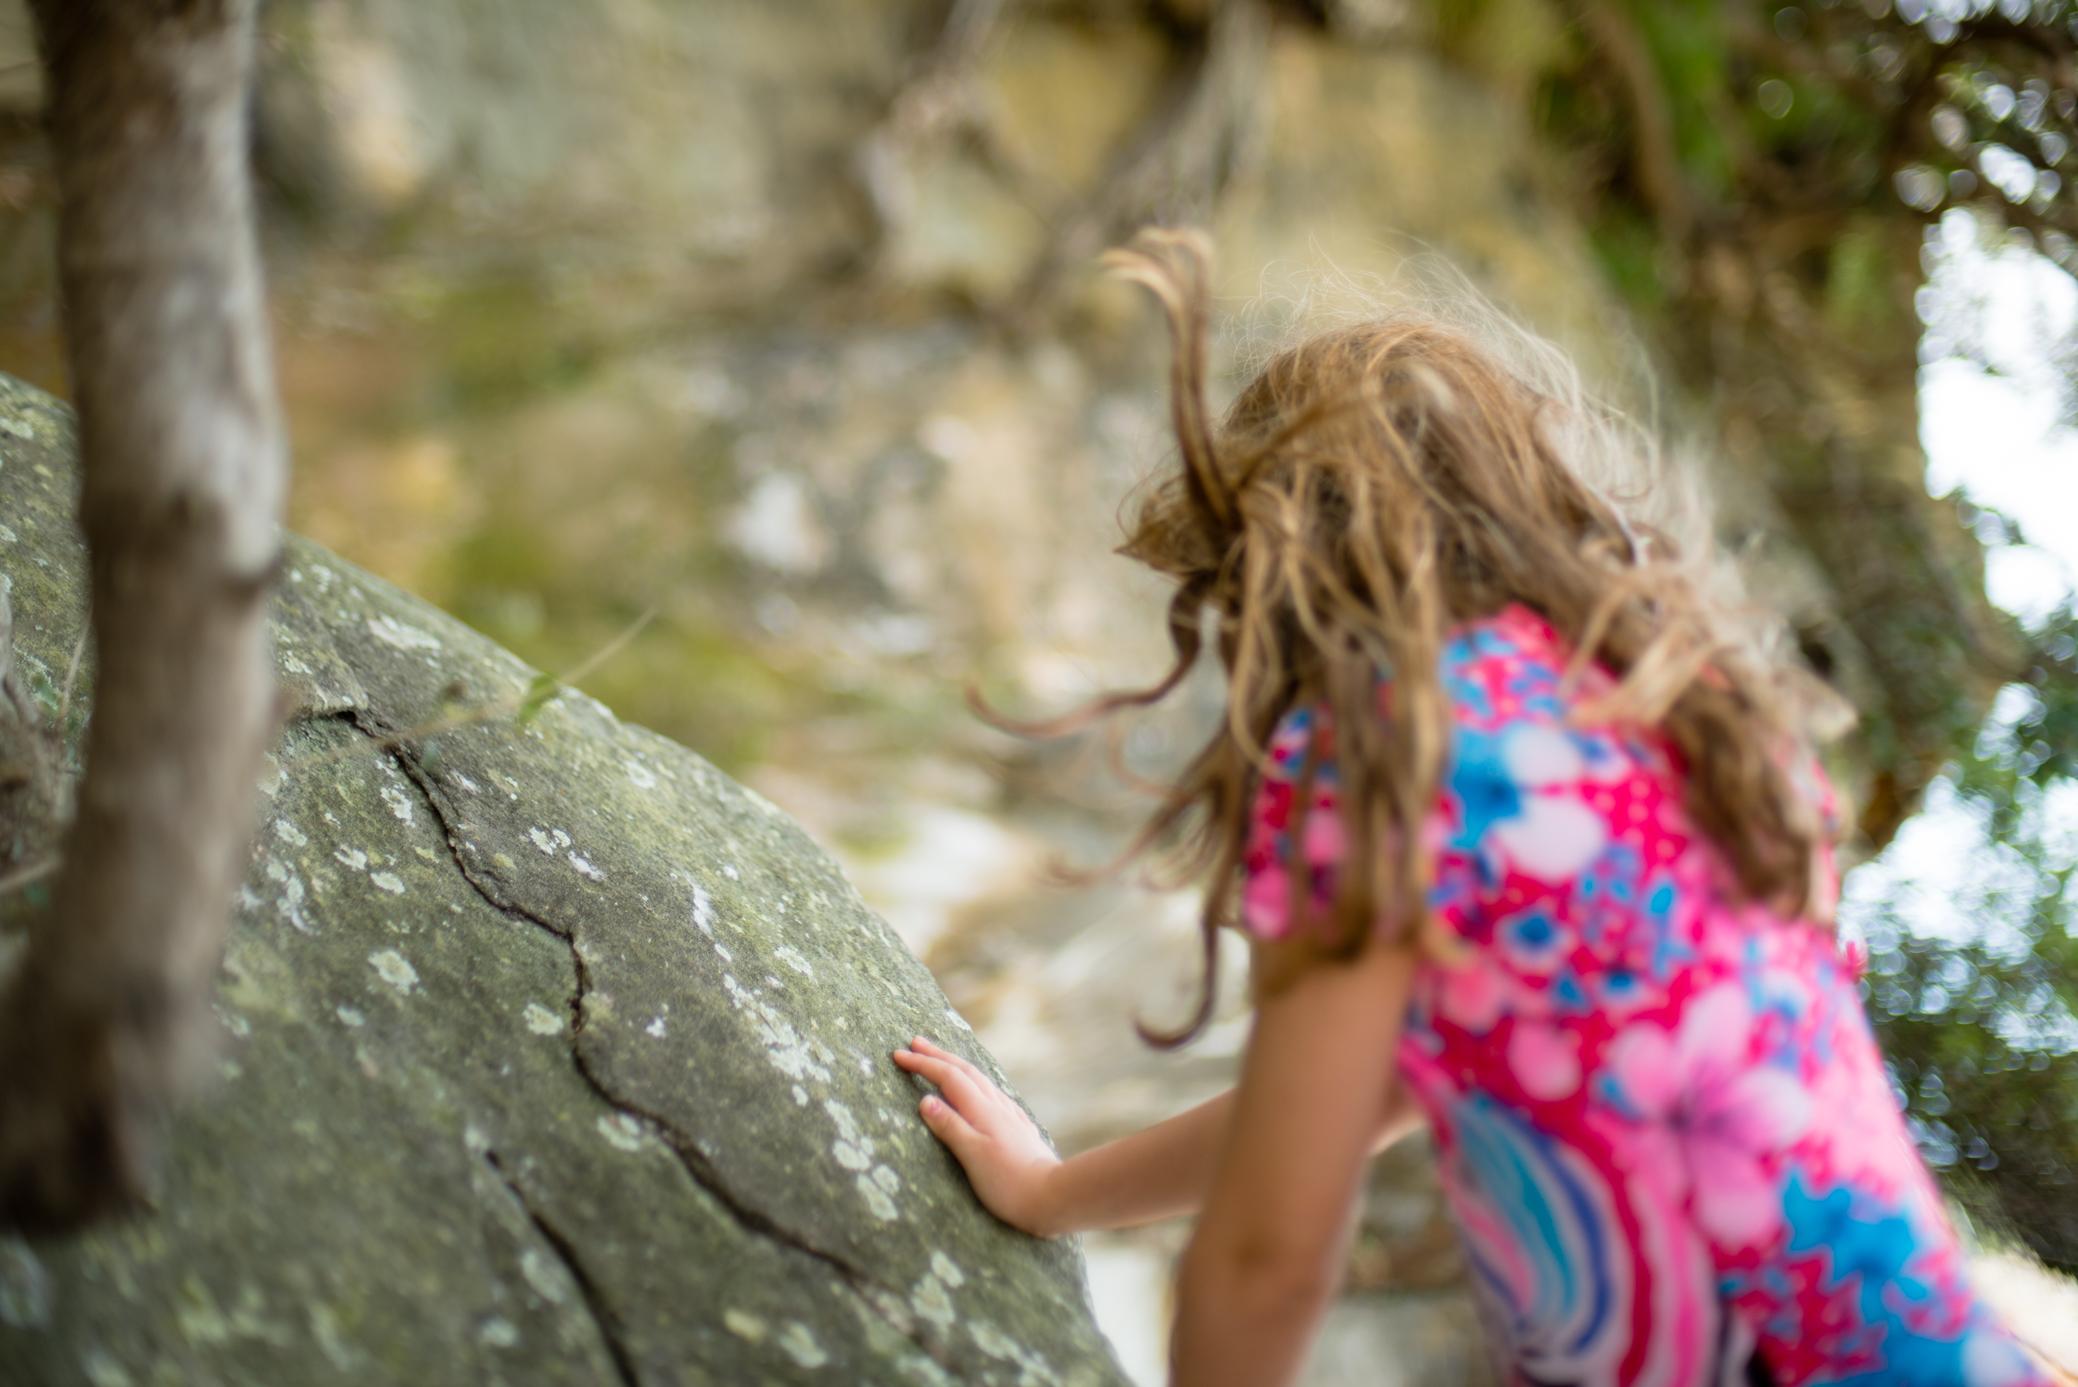 Sydney Lifestyle Photographer, Cindy Cavanagh, captures a girl climbing the rocks at Milk Beach in Sydney